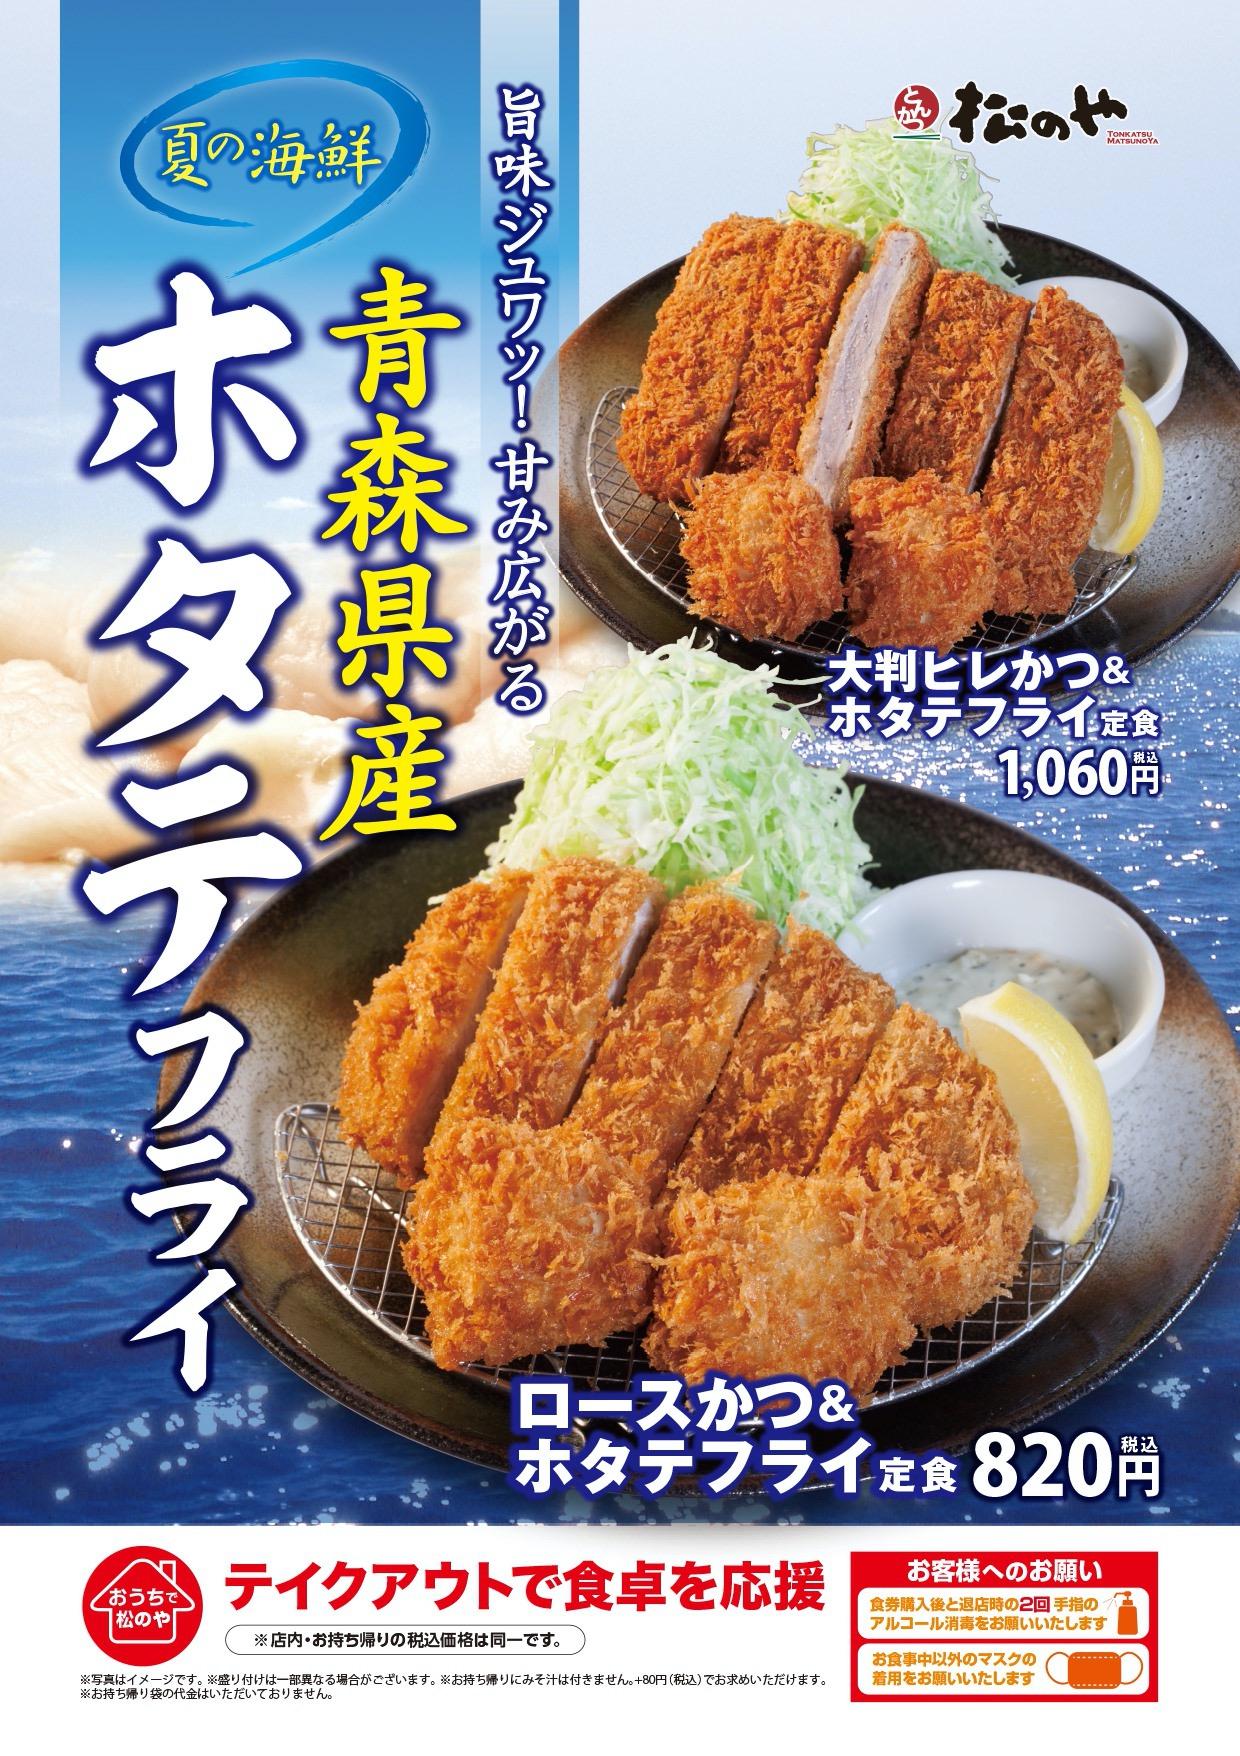 【松のや】青森県産ホタテフライの「ロースかつ&ホタテフライ定食」「大判ヒレかつ&ホタテフライ定食」発売中